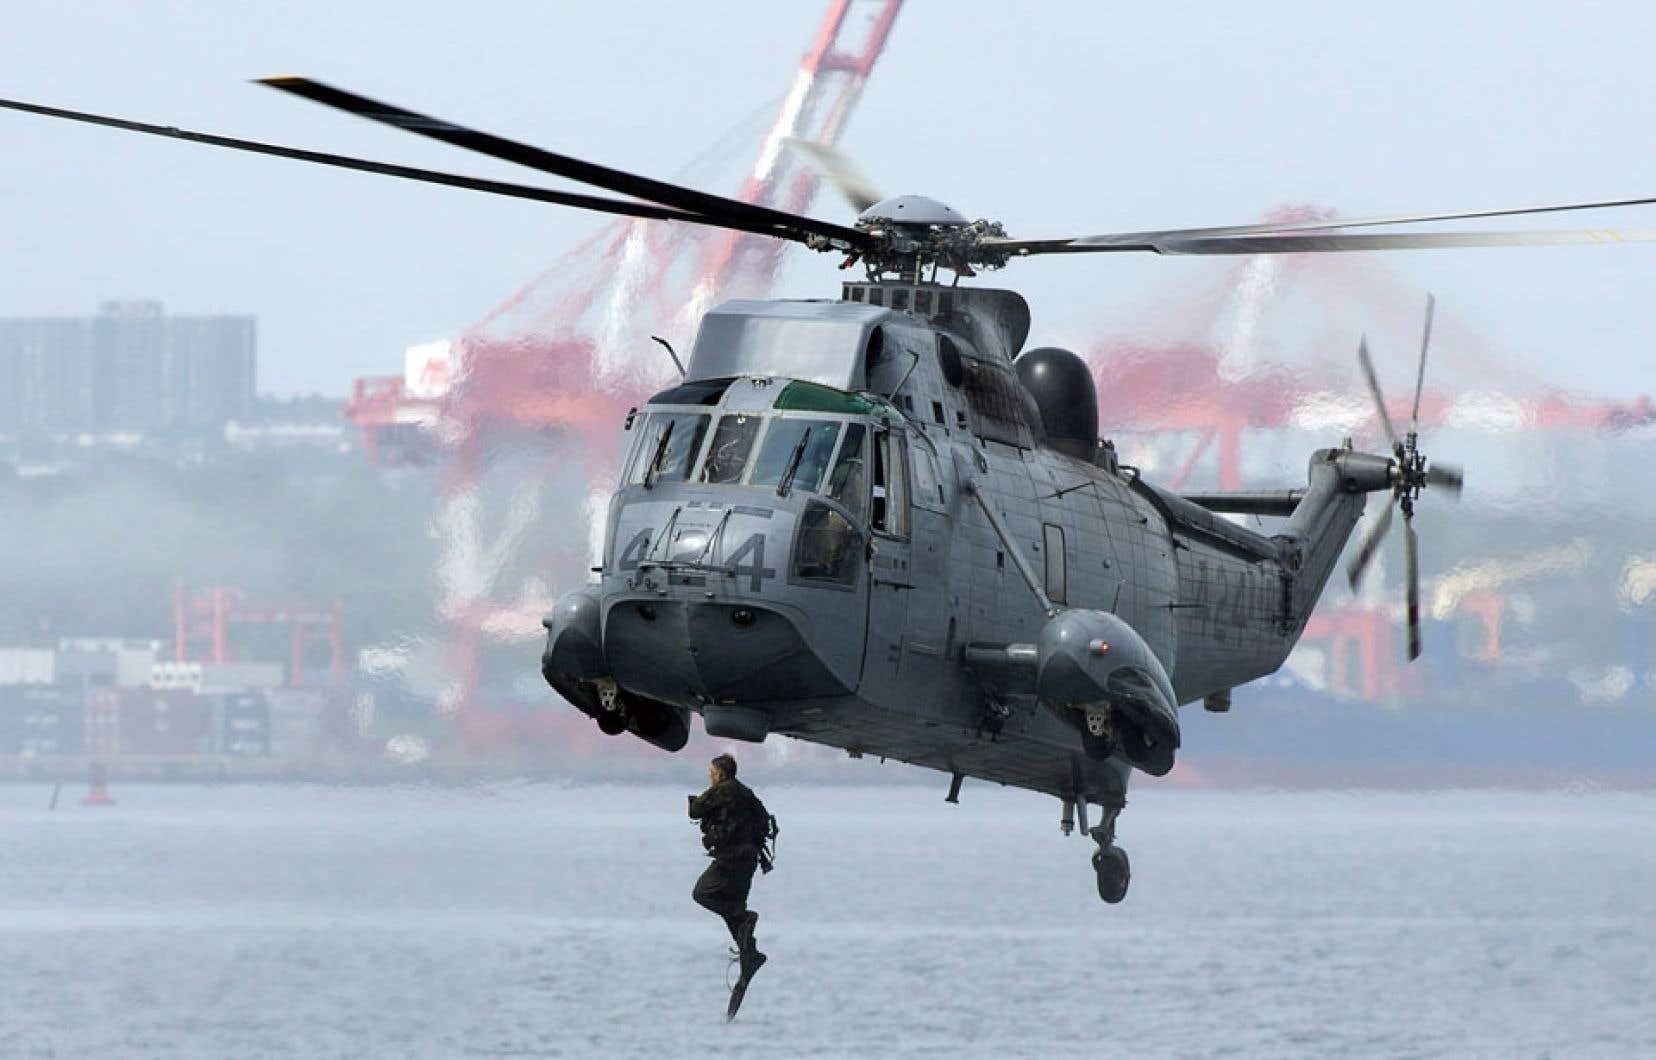 Des documents jadis accessibles en quelques clics sont désormais introuvables pour les chercheurs en défense. Des détails sur les revenus et dépenses du ministère ont notamment été retirés. Ci-dessus, un soldat canadien à l'entraînement saute d'un hélicoptère Sea King.